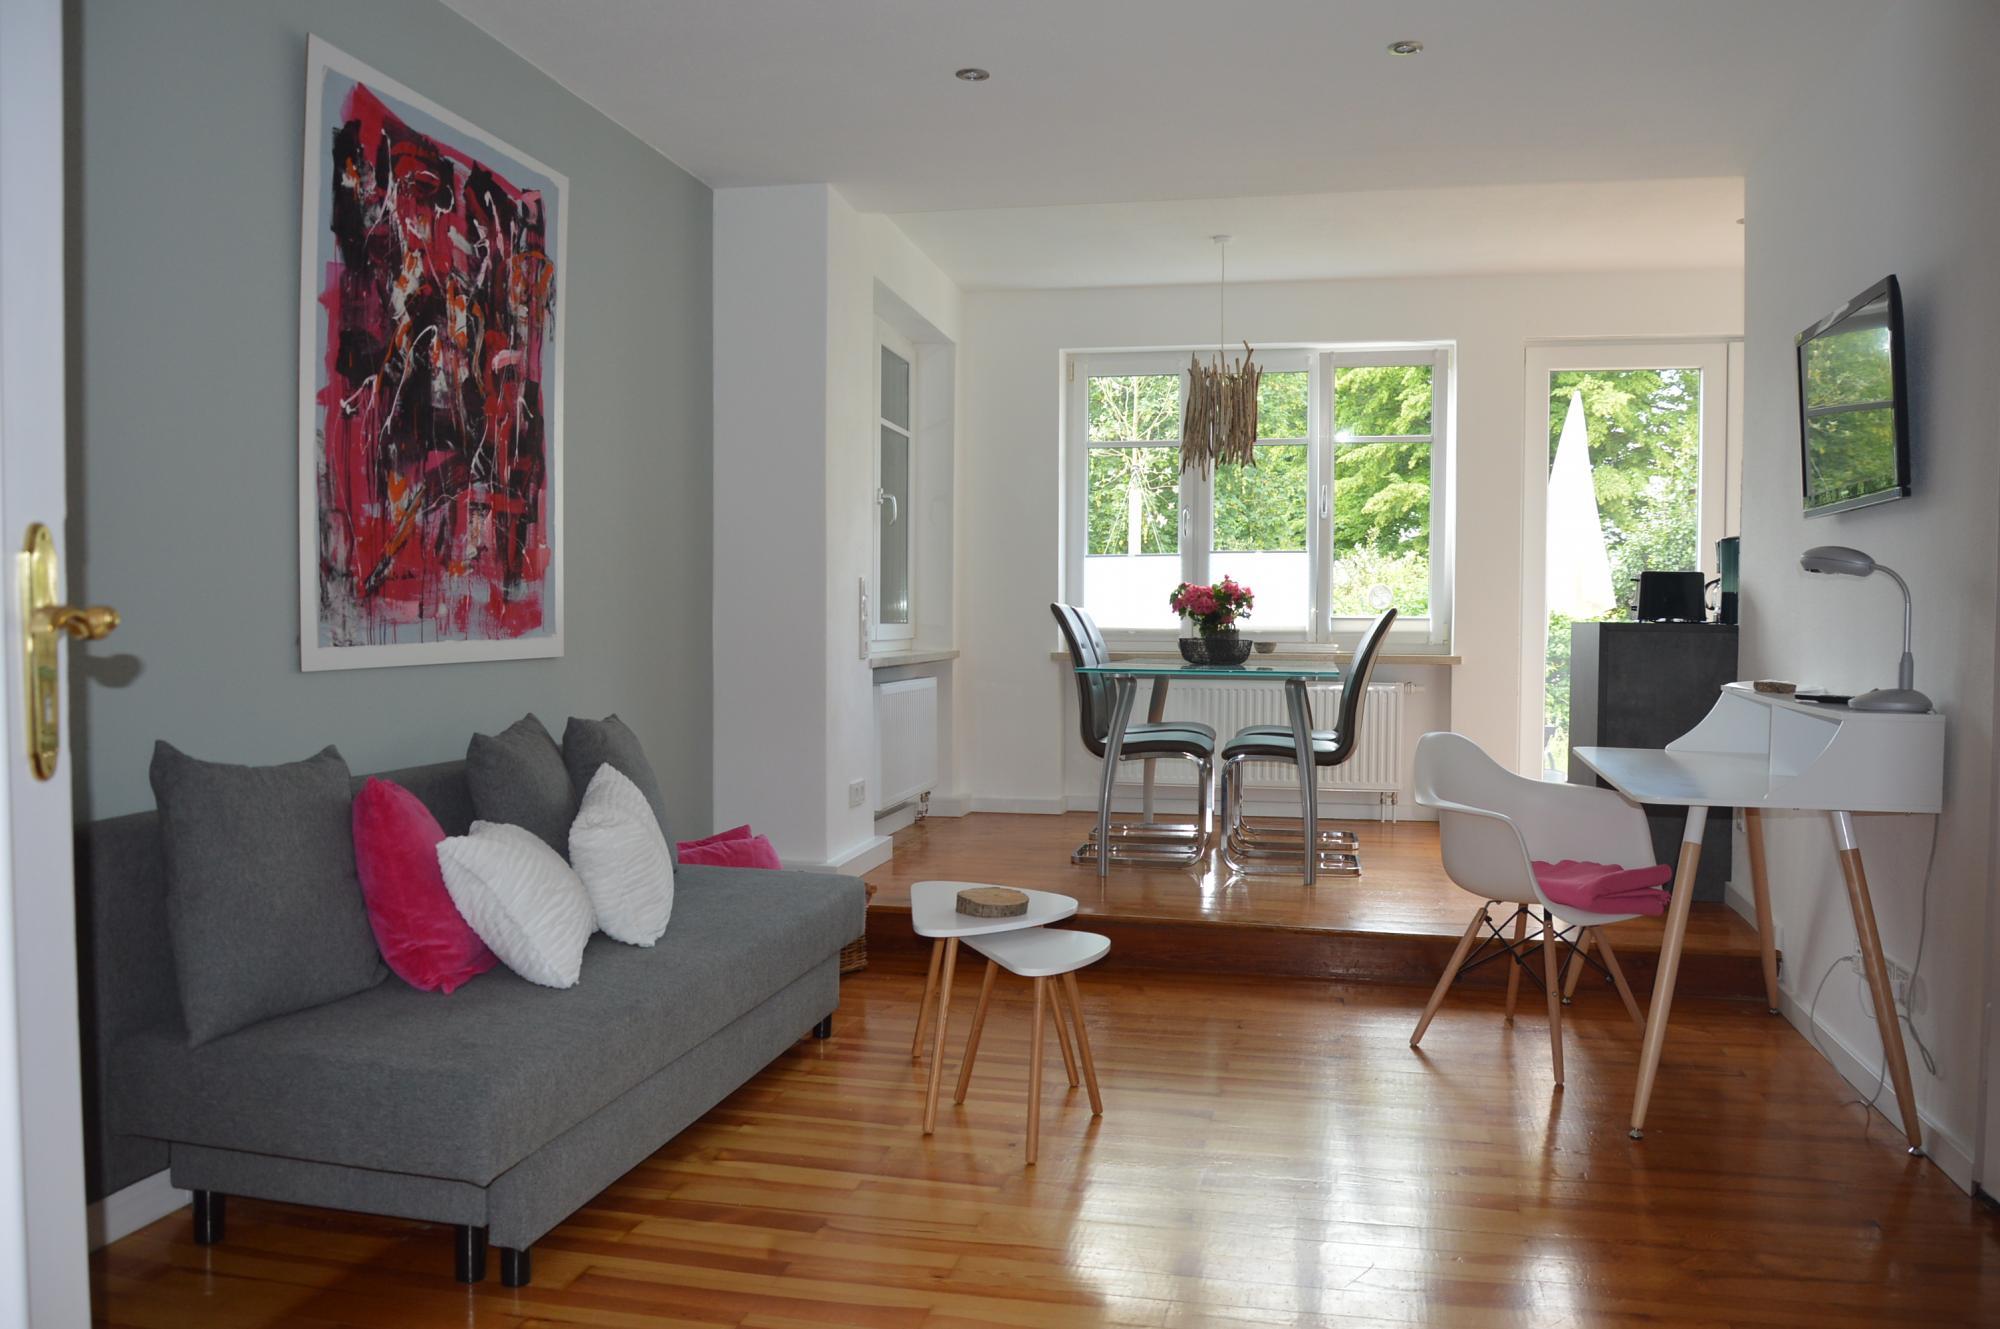 ferienwohnungen dreim derlhaus am ammersee herrsching. Black Bedroom Furniture Sets. Home Design Ideas